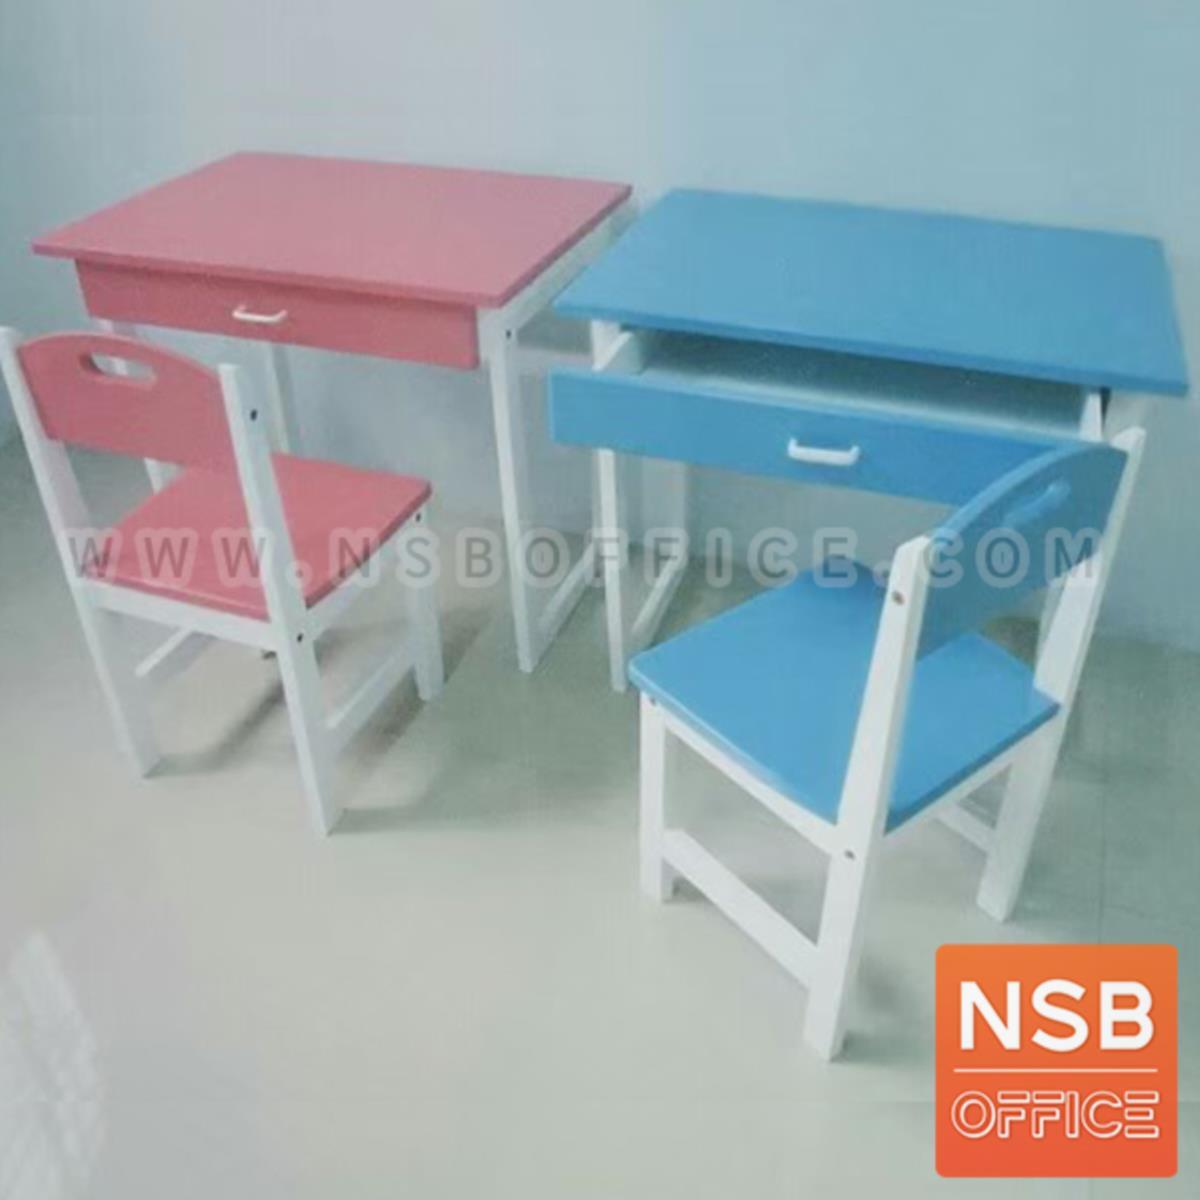 G20A015:ชุดโต๊ะและเก้าอี้นักเรียน รุ่น Caela (เคลล่า)  มีลิ้นชักเก็บของ